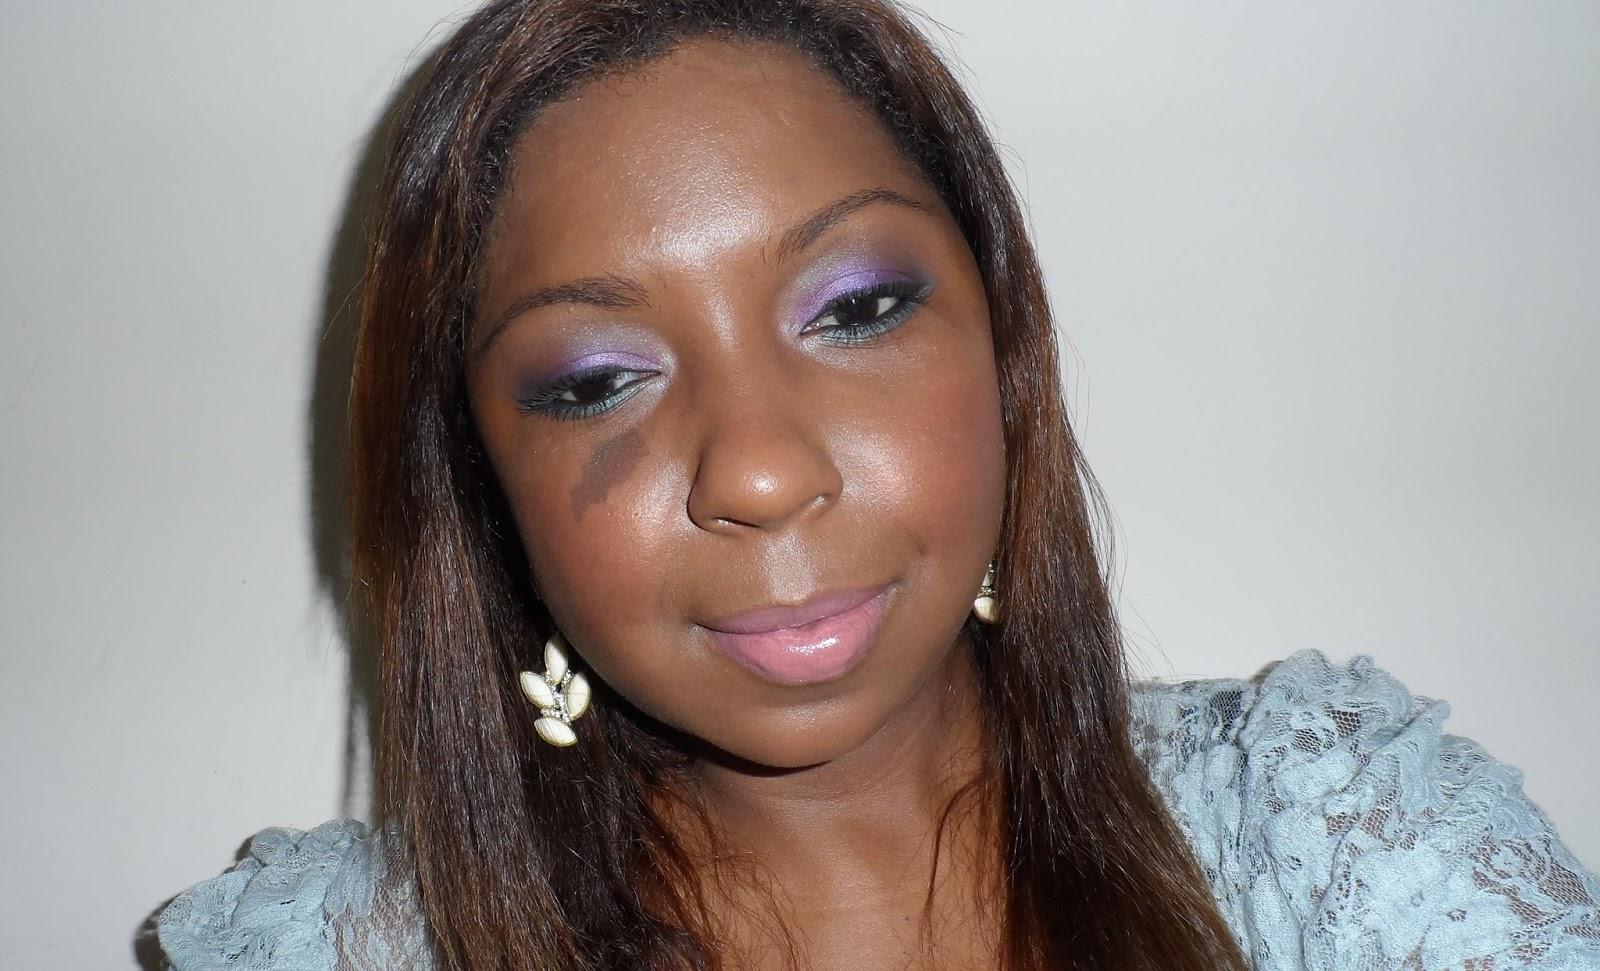 Maquiagem-Lilás-e-azul-Usando-Sombras-Tokidoki-Maquiagens-que-eu-amei-em-2013